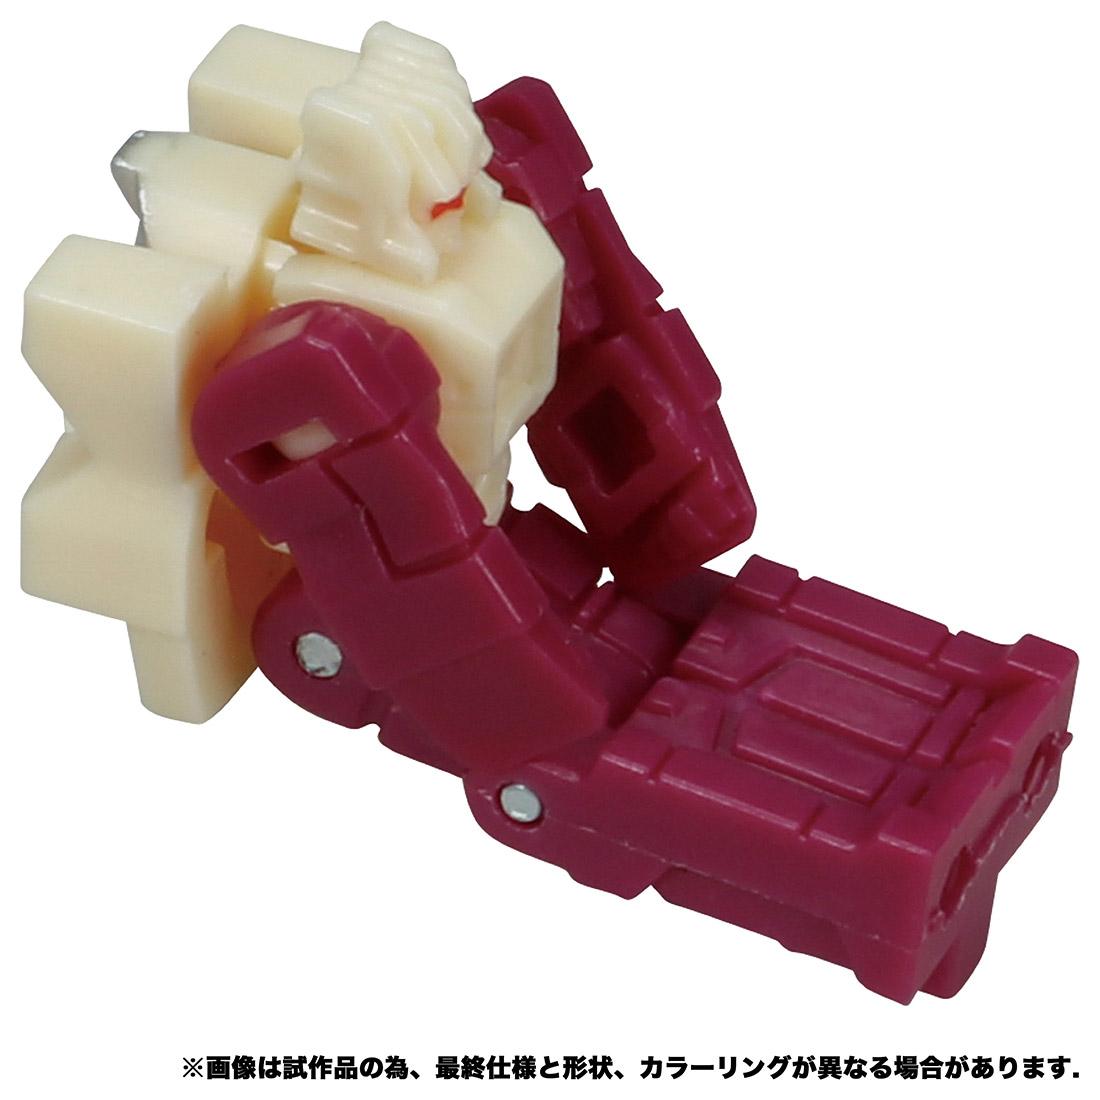 トランスフォーマー アースライズ『ER-10 スコルポノック』可変可動フィギュア-005